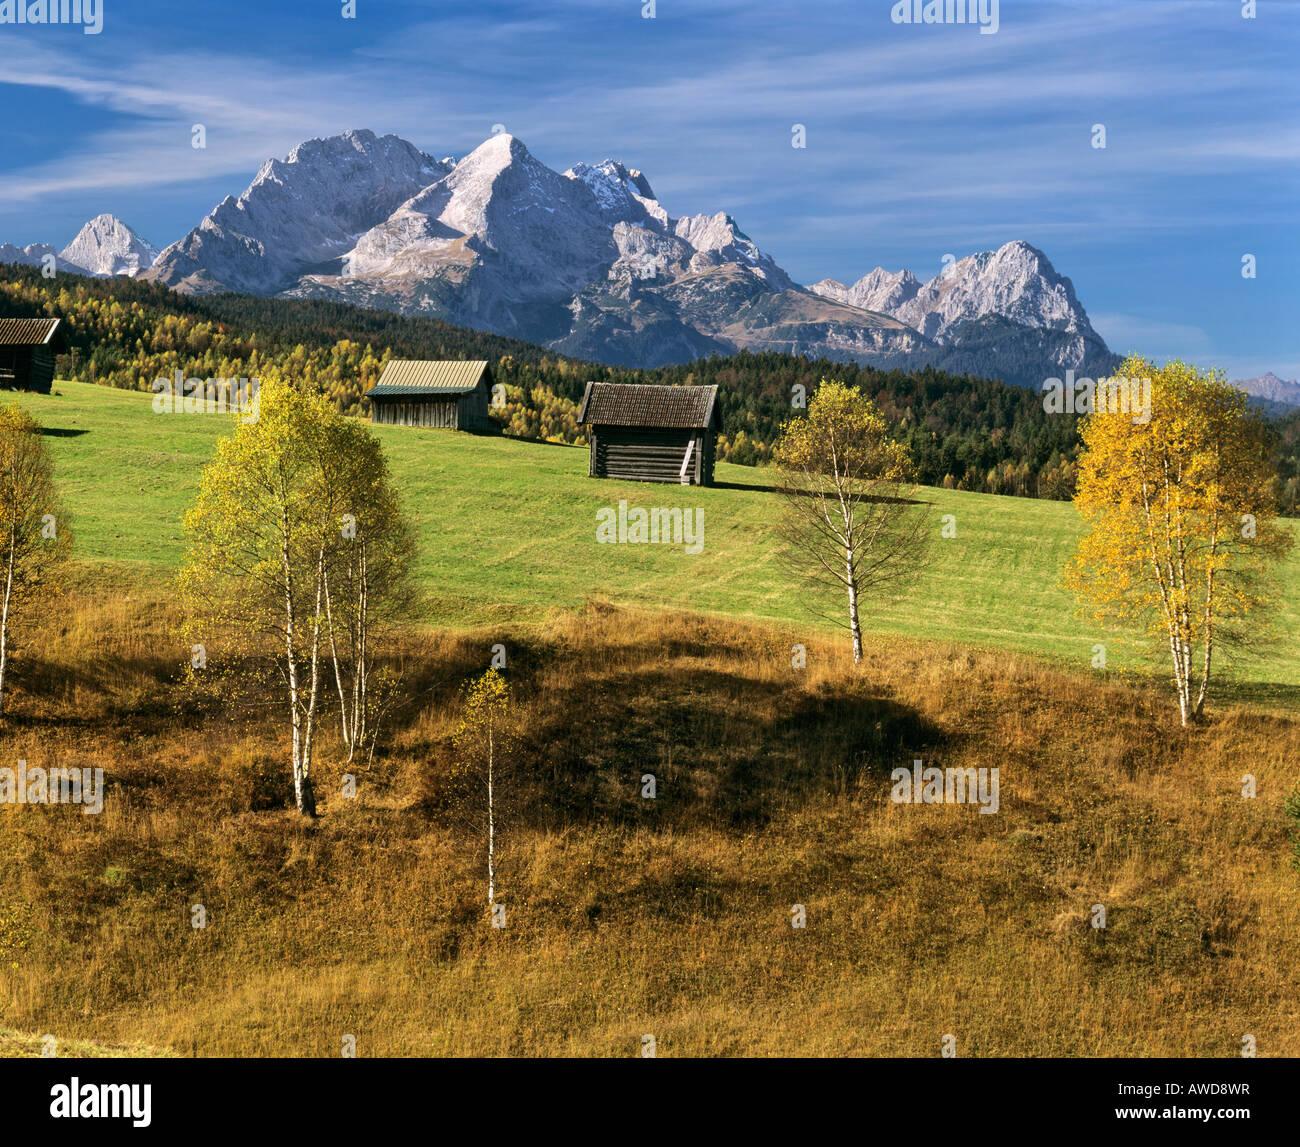 Grassland in autumn, Wetterstein Range, Mittenwald Forest, Upper Bavaria, Bavaria, Germany, Europe Stock Photo